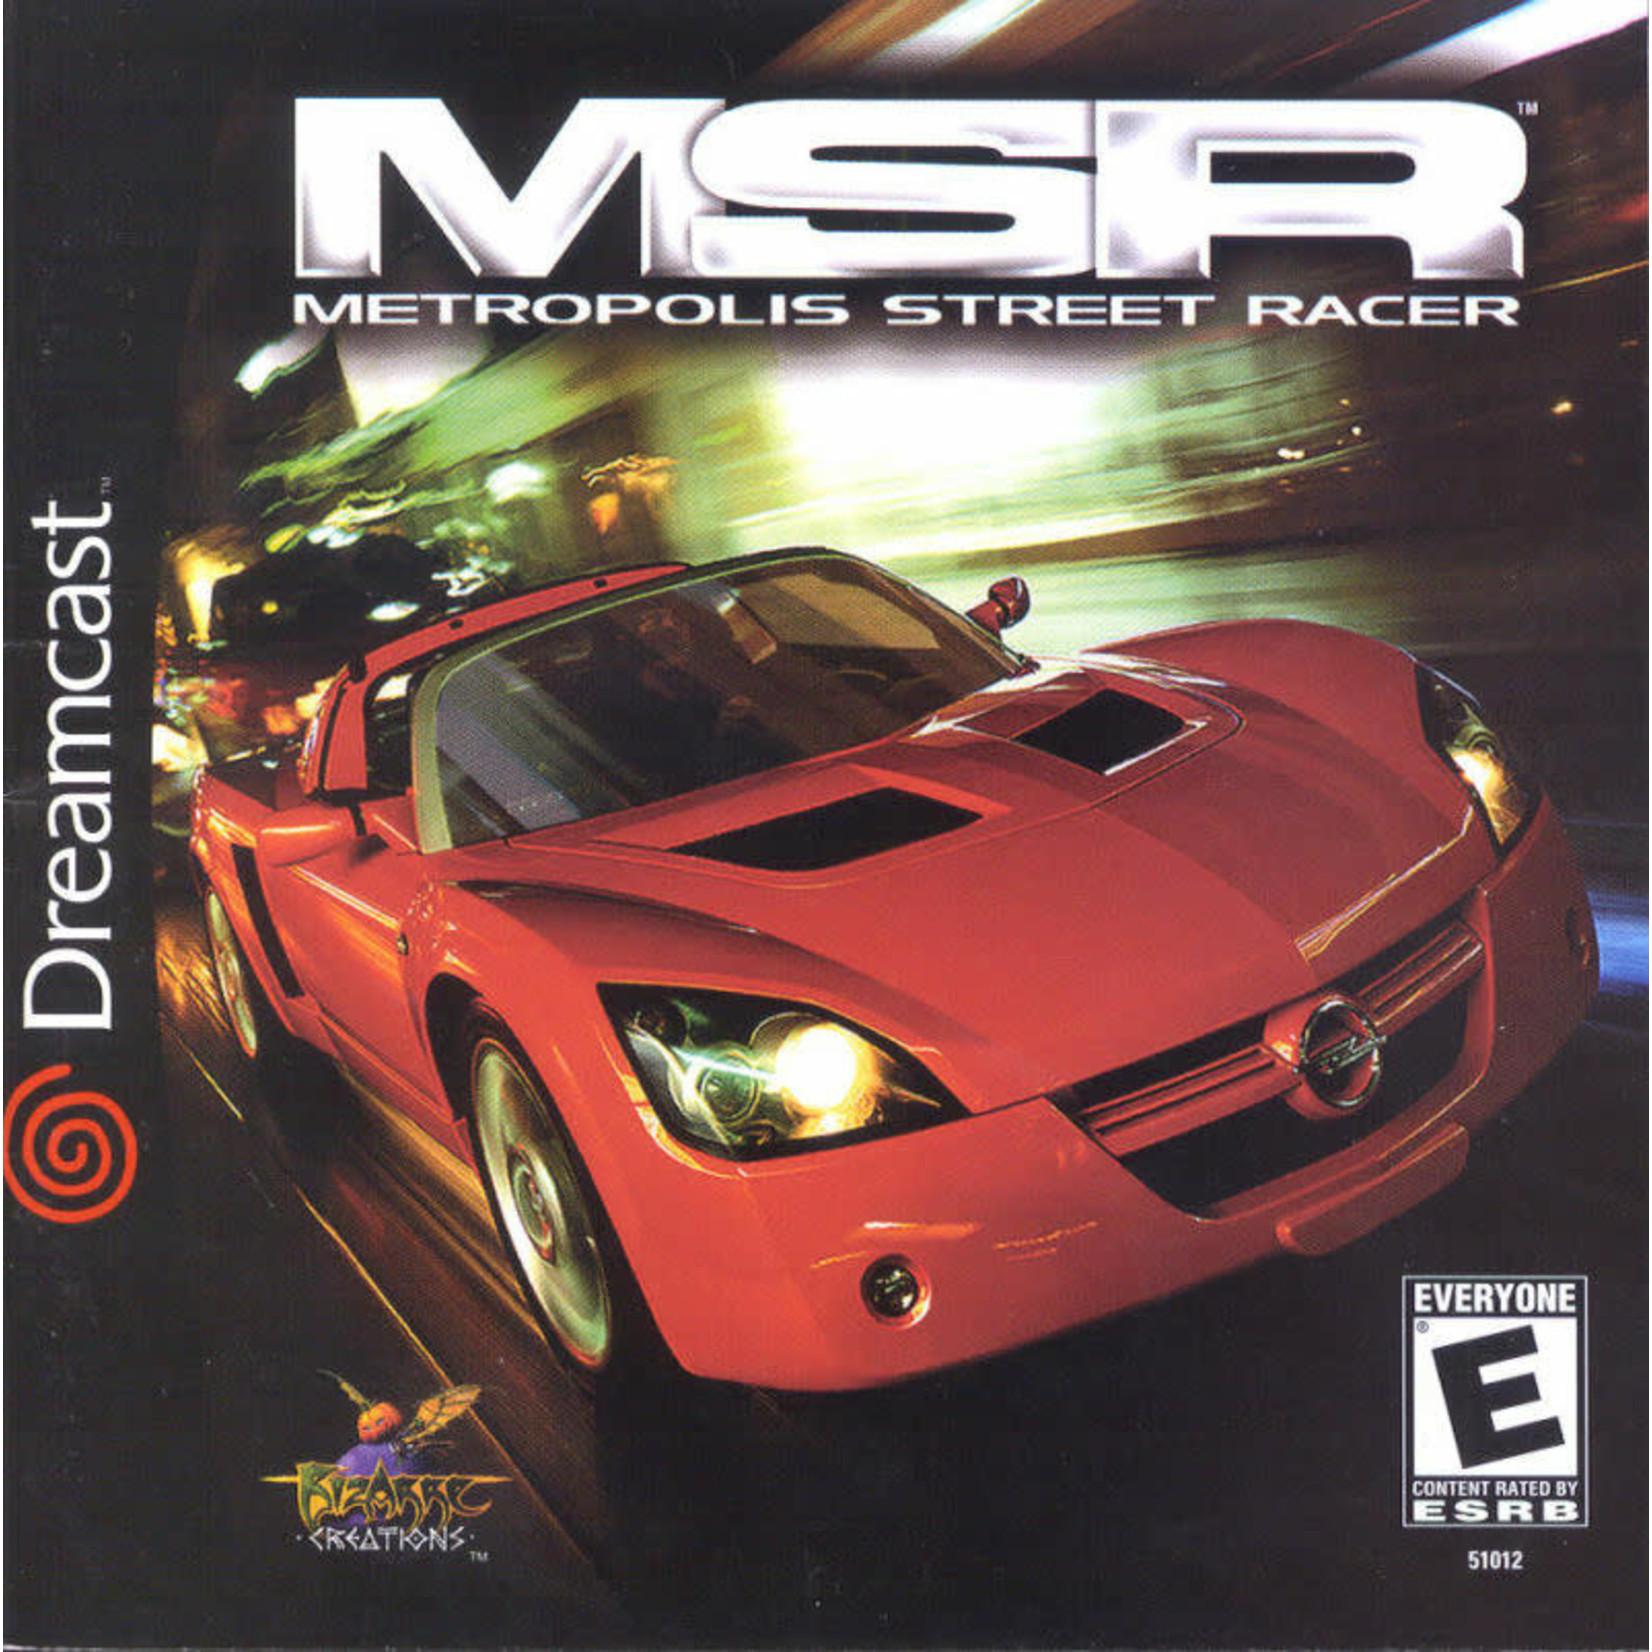 SDCU-Metropolis Street Racer